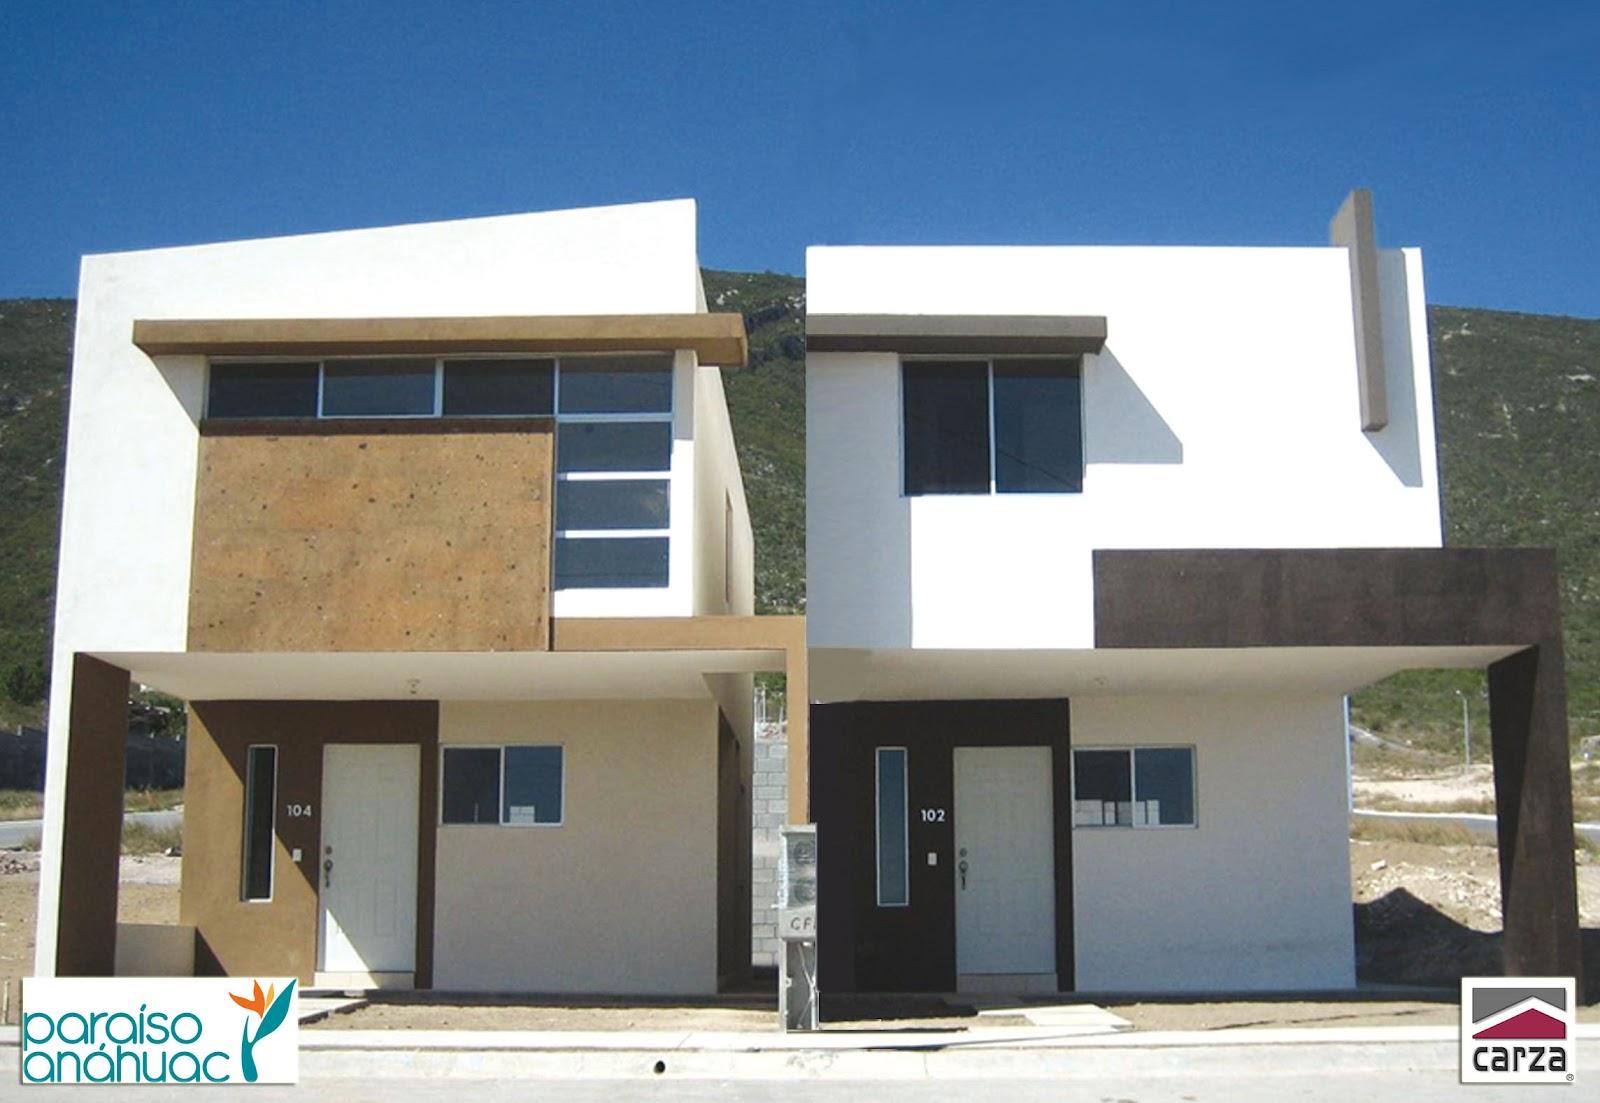 Fachadas de casas modernas octubre 2012 for Fachadas de casas modernas minimalistas